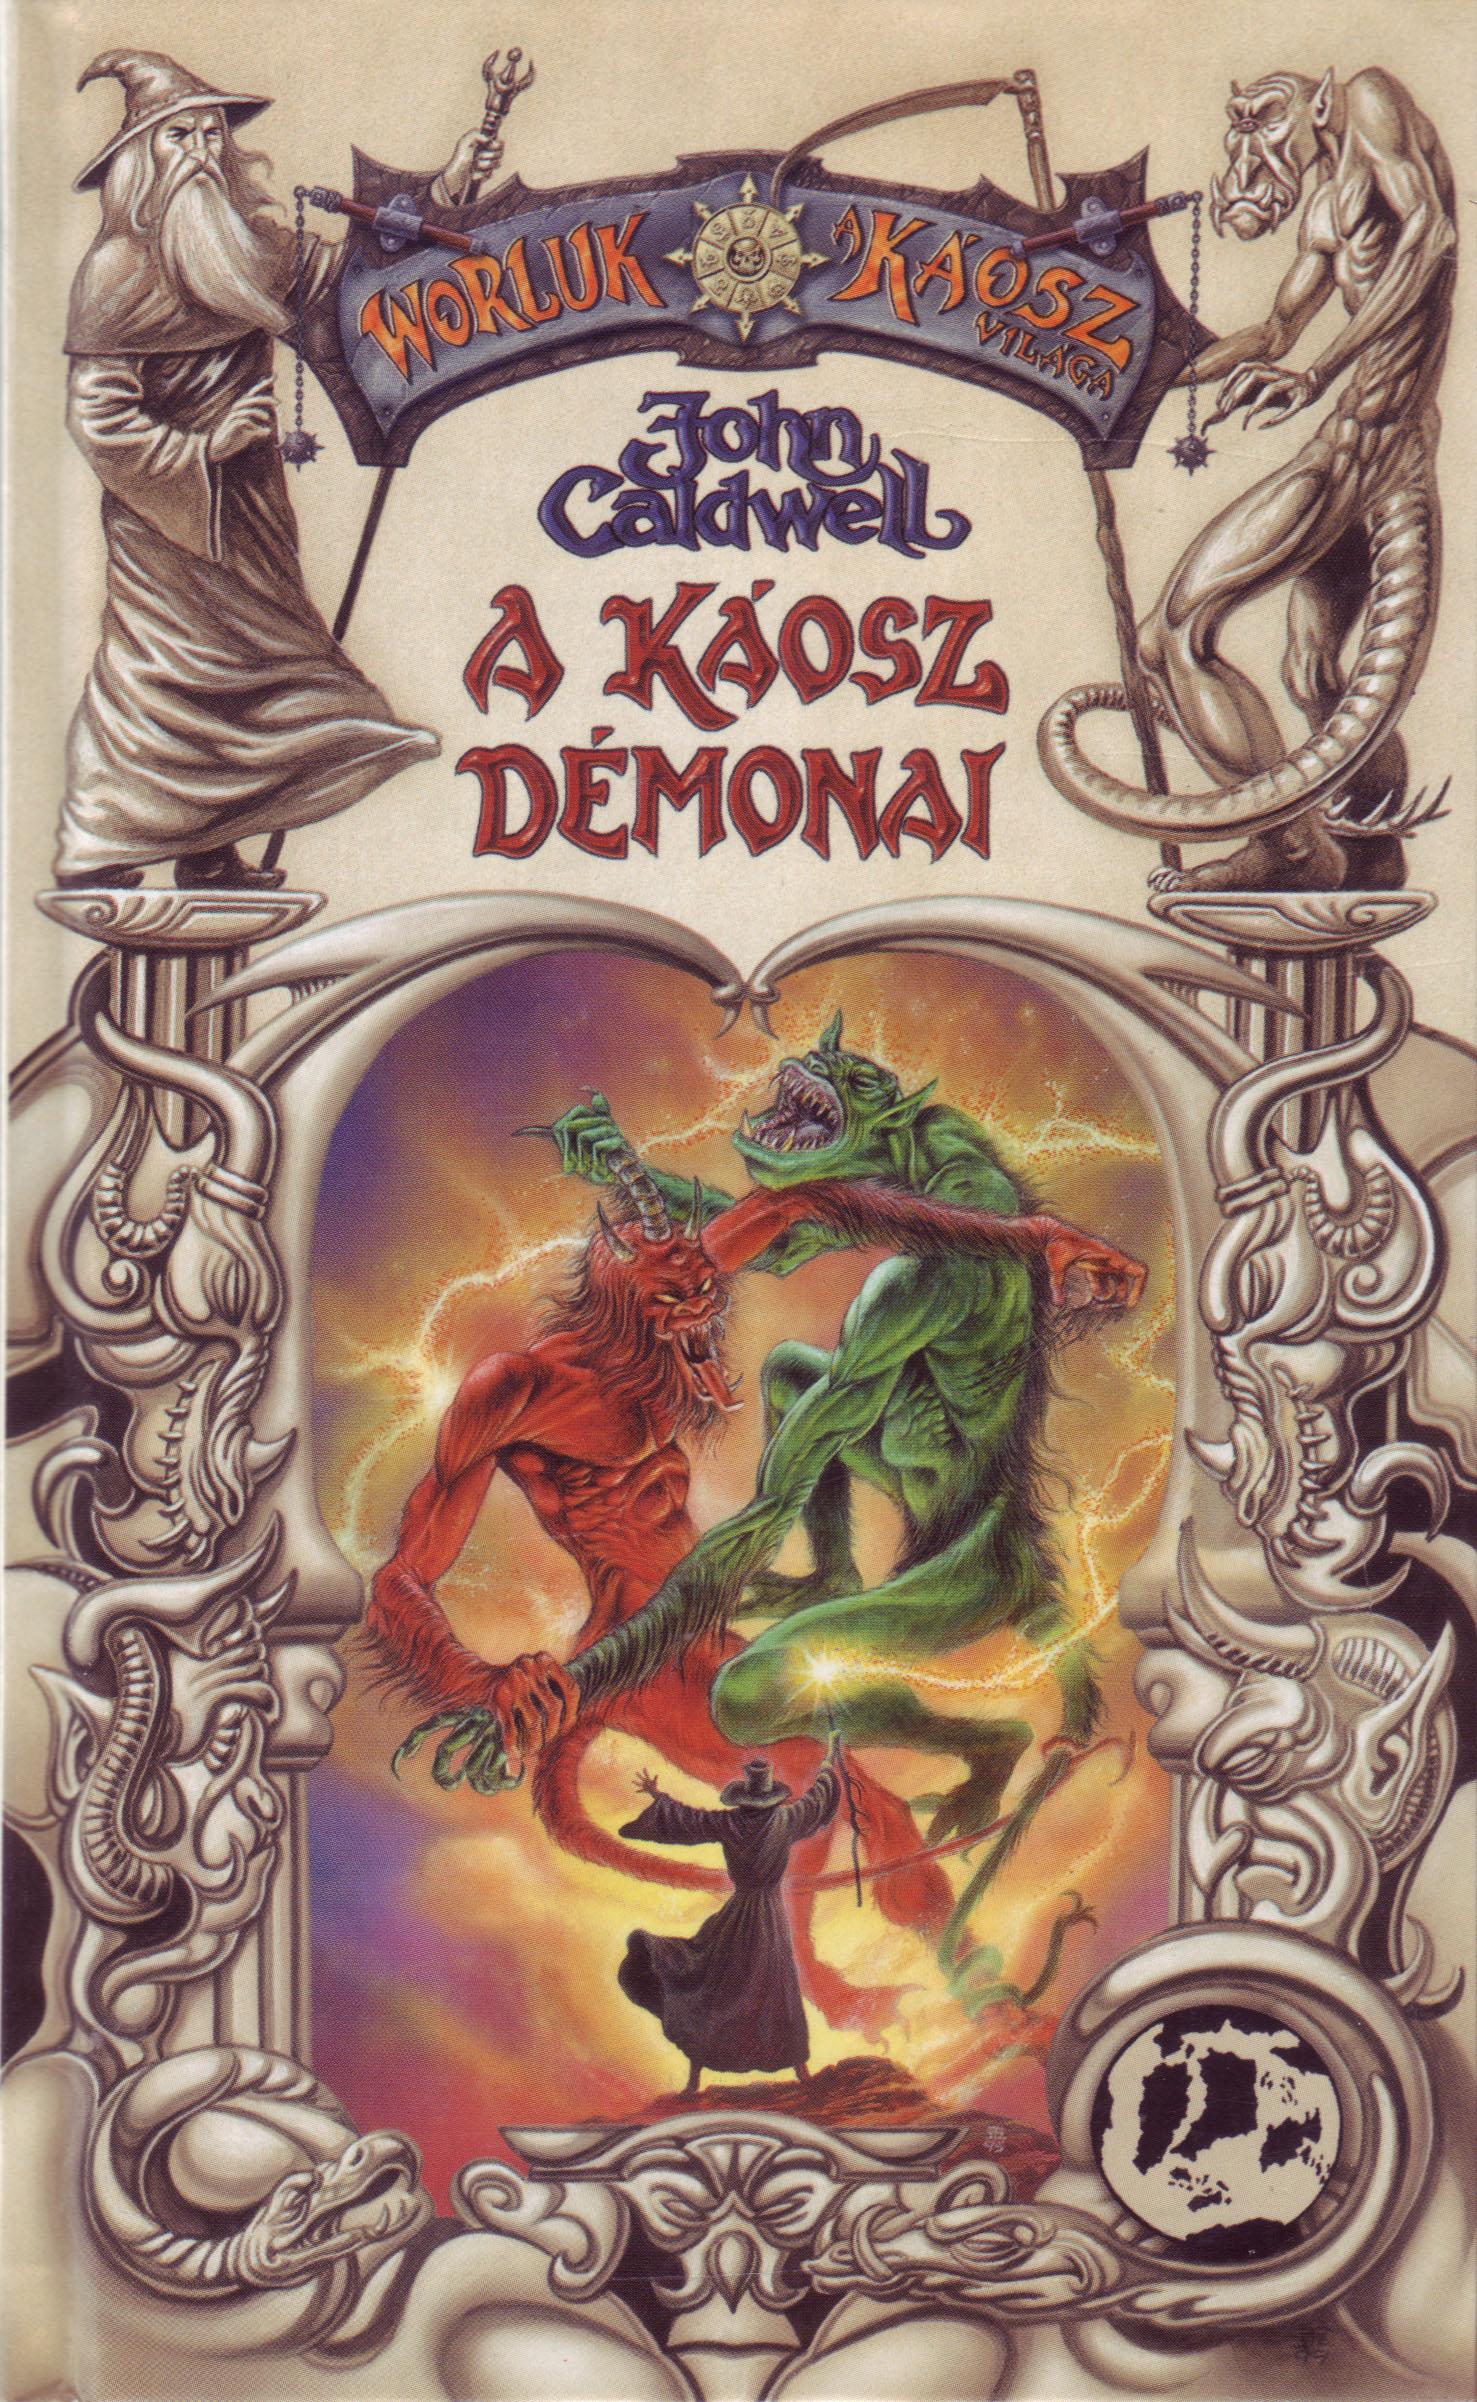 A Káosz Démonai (könyv) - John Caldwell  5dcb935f4d